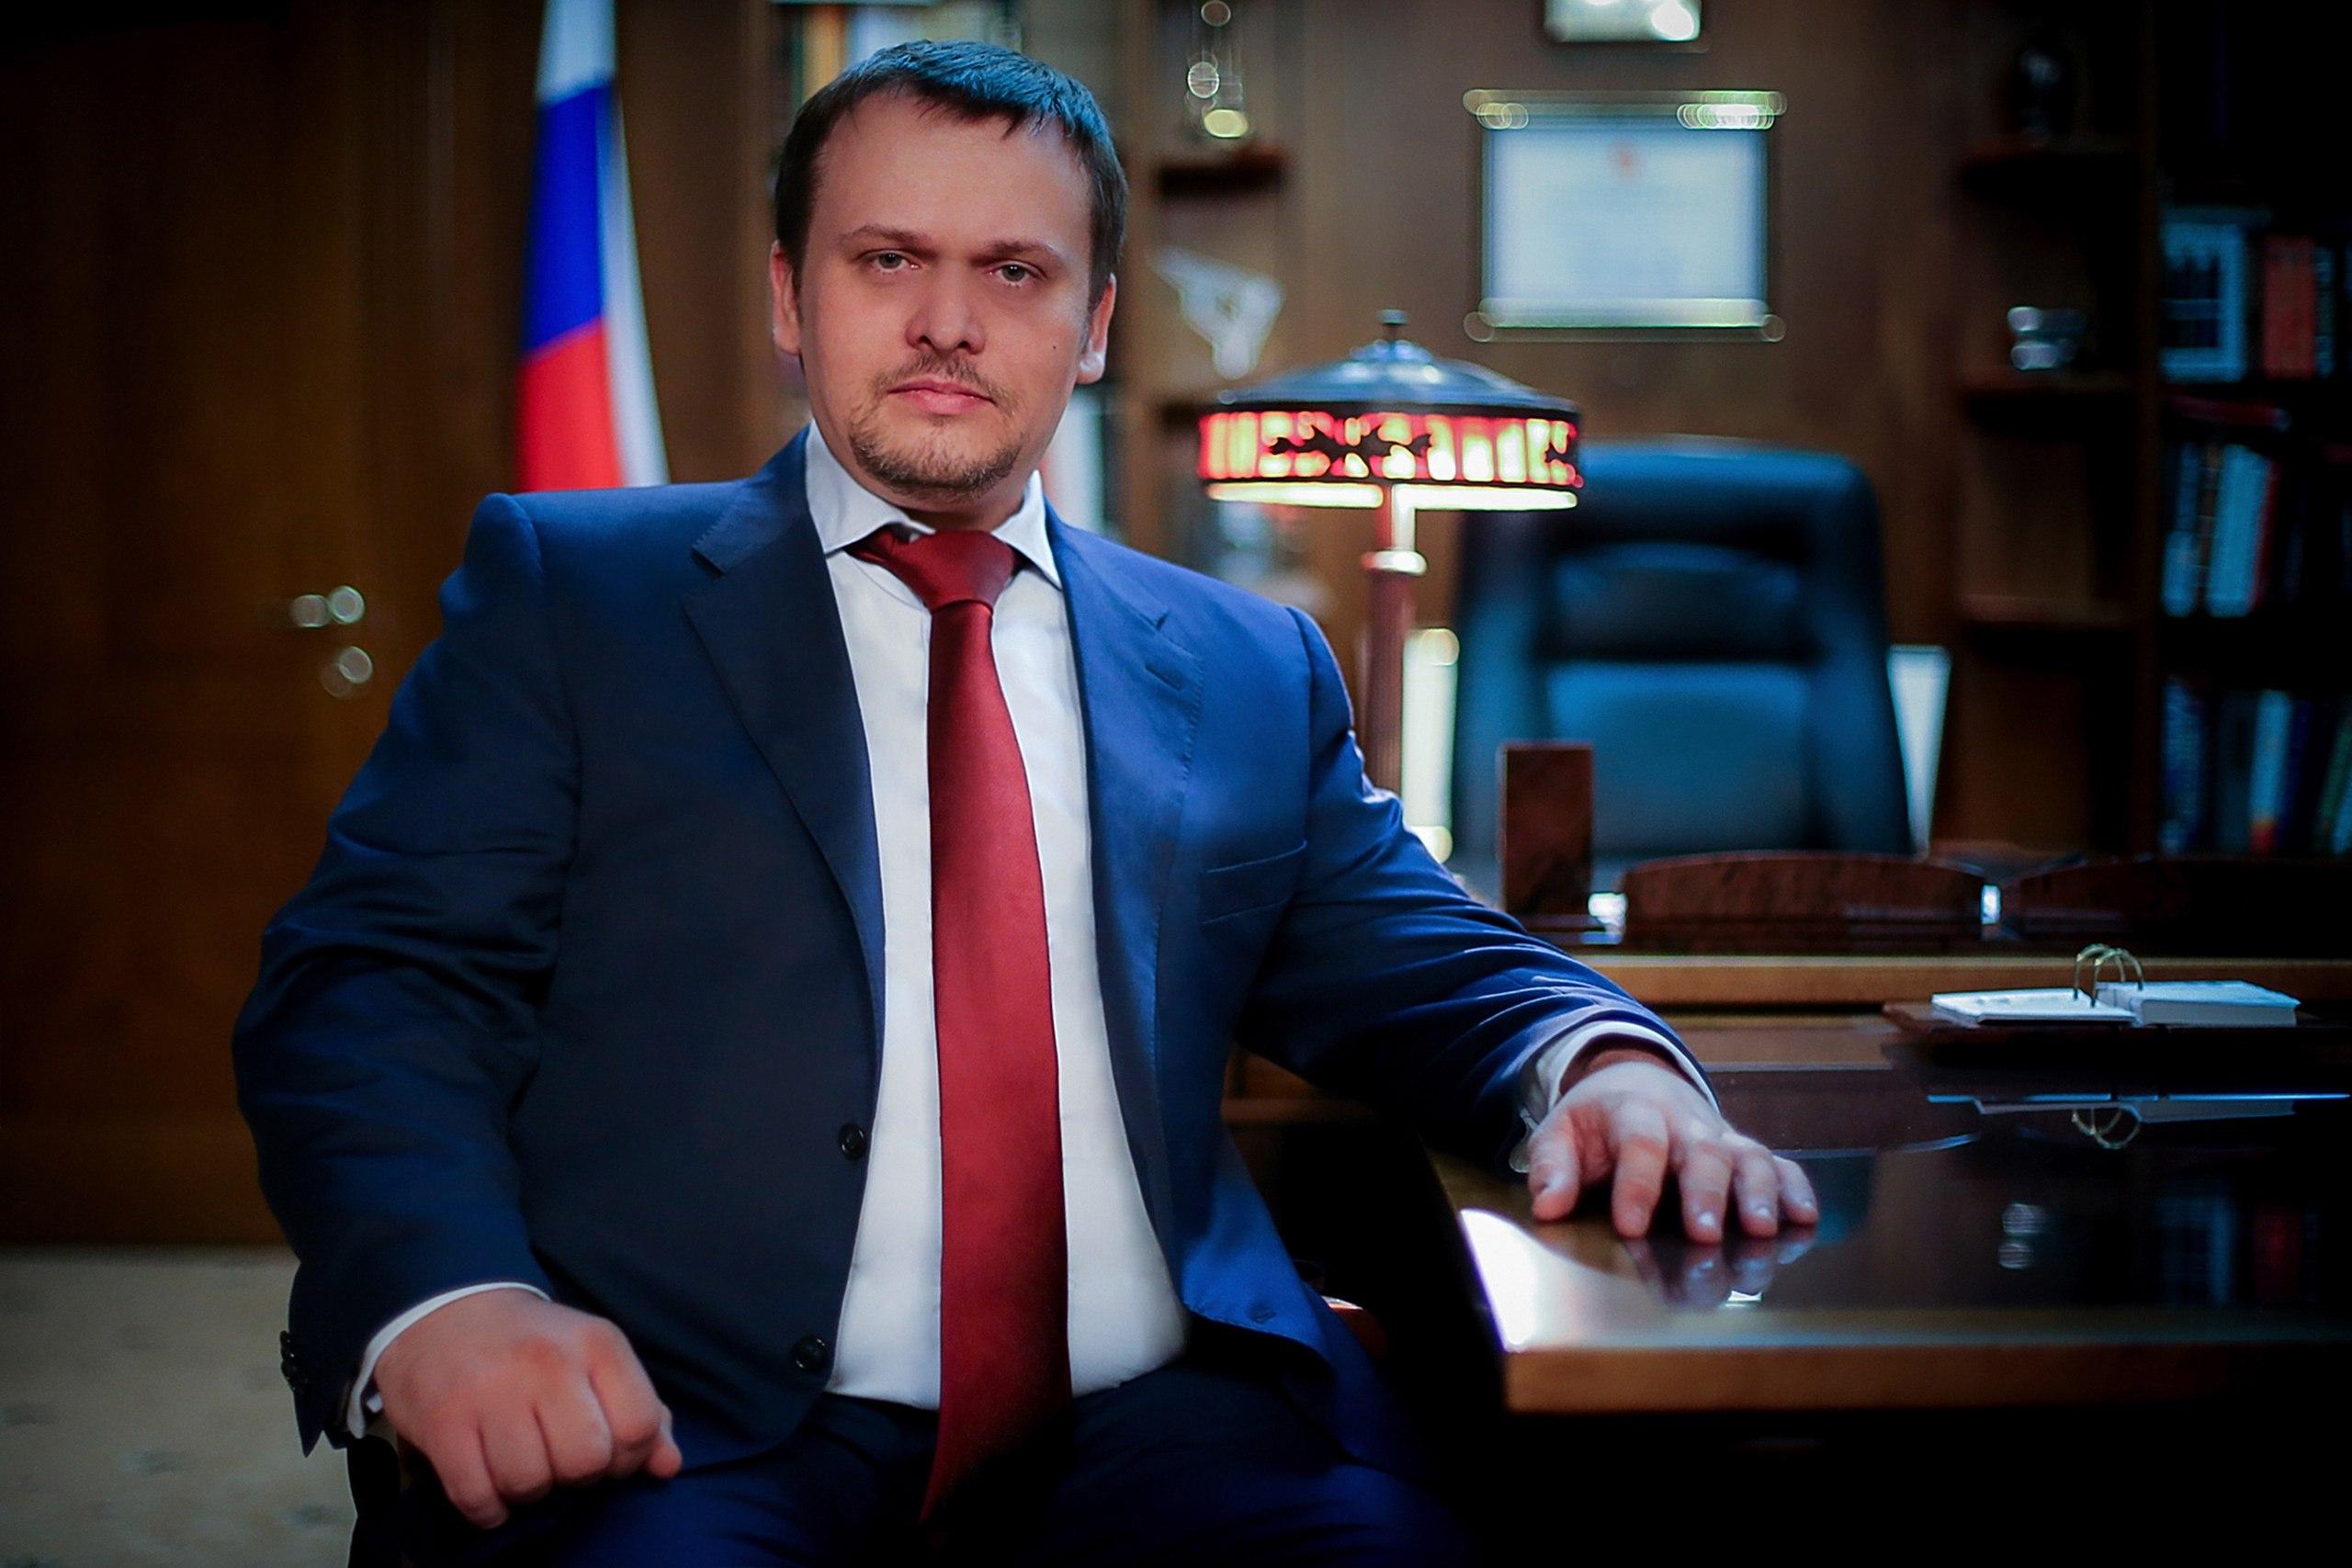 Политолог Александр Жуковский о том, чего стоит ждать от новгородского губернатора Андрея Никитина